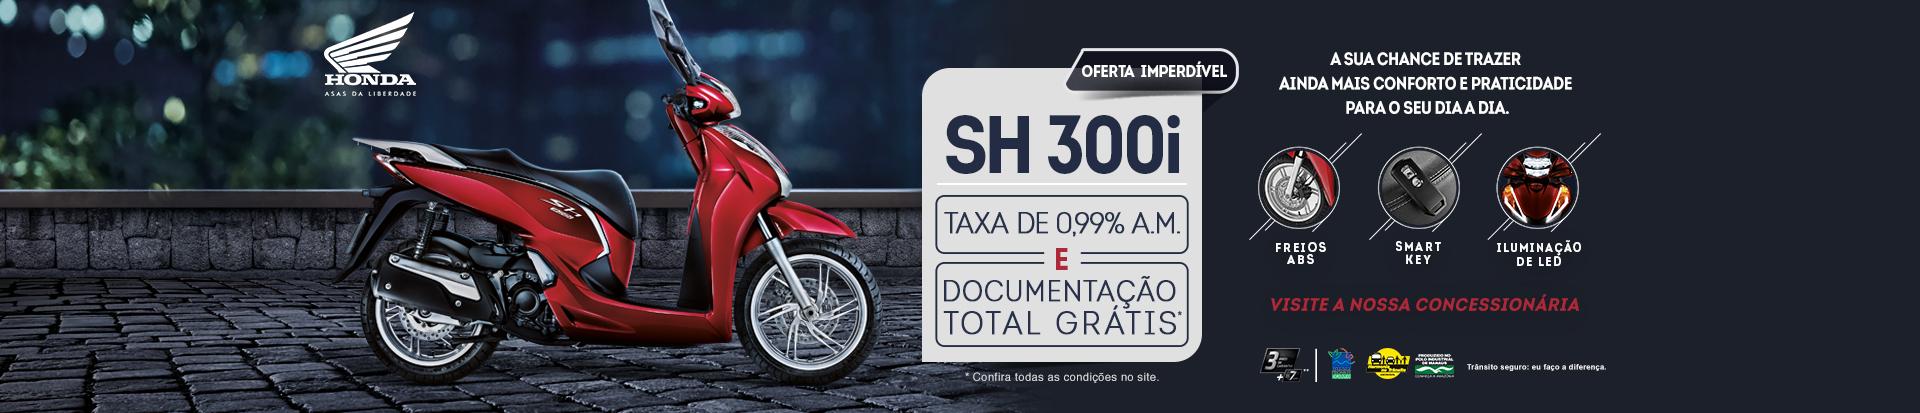 sh300i